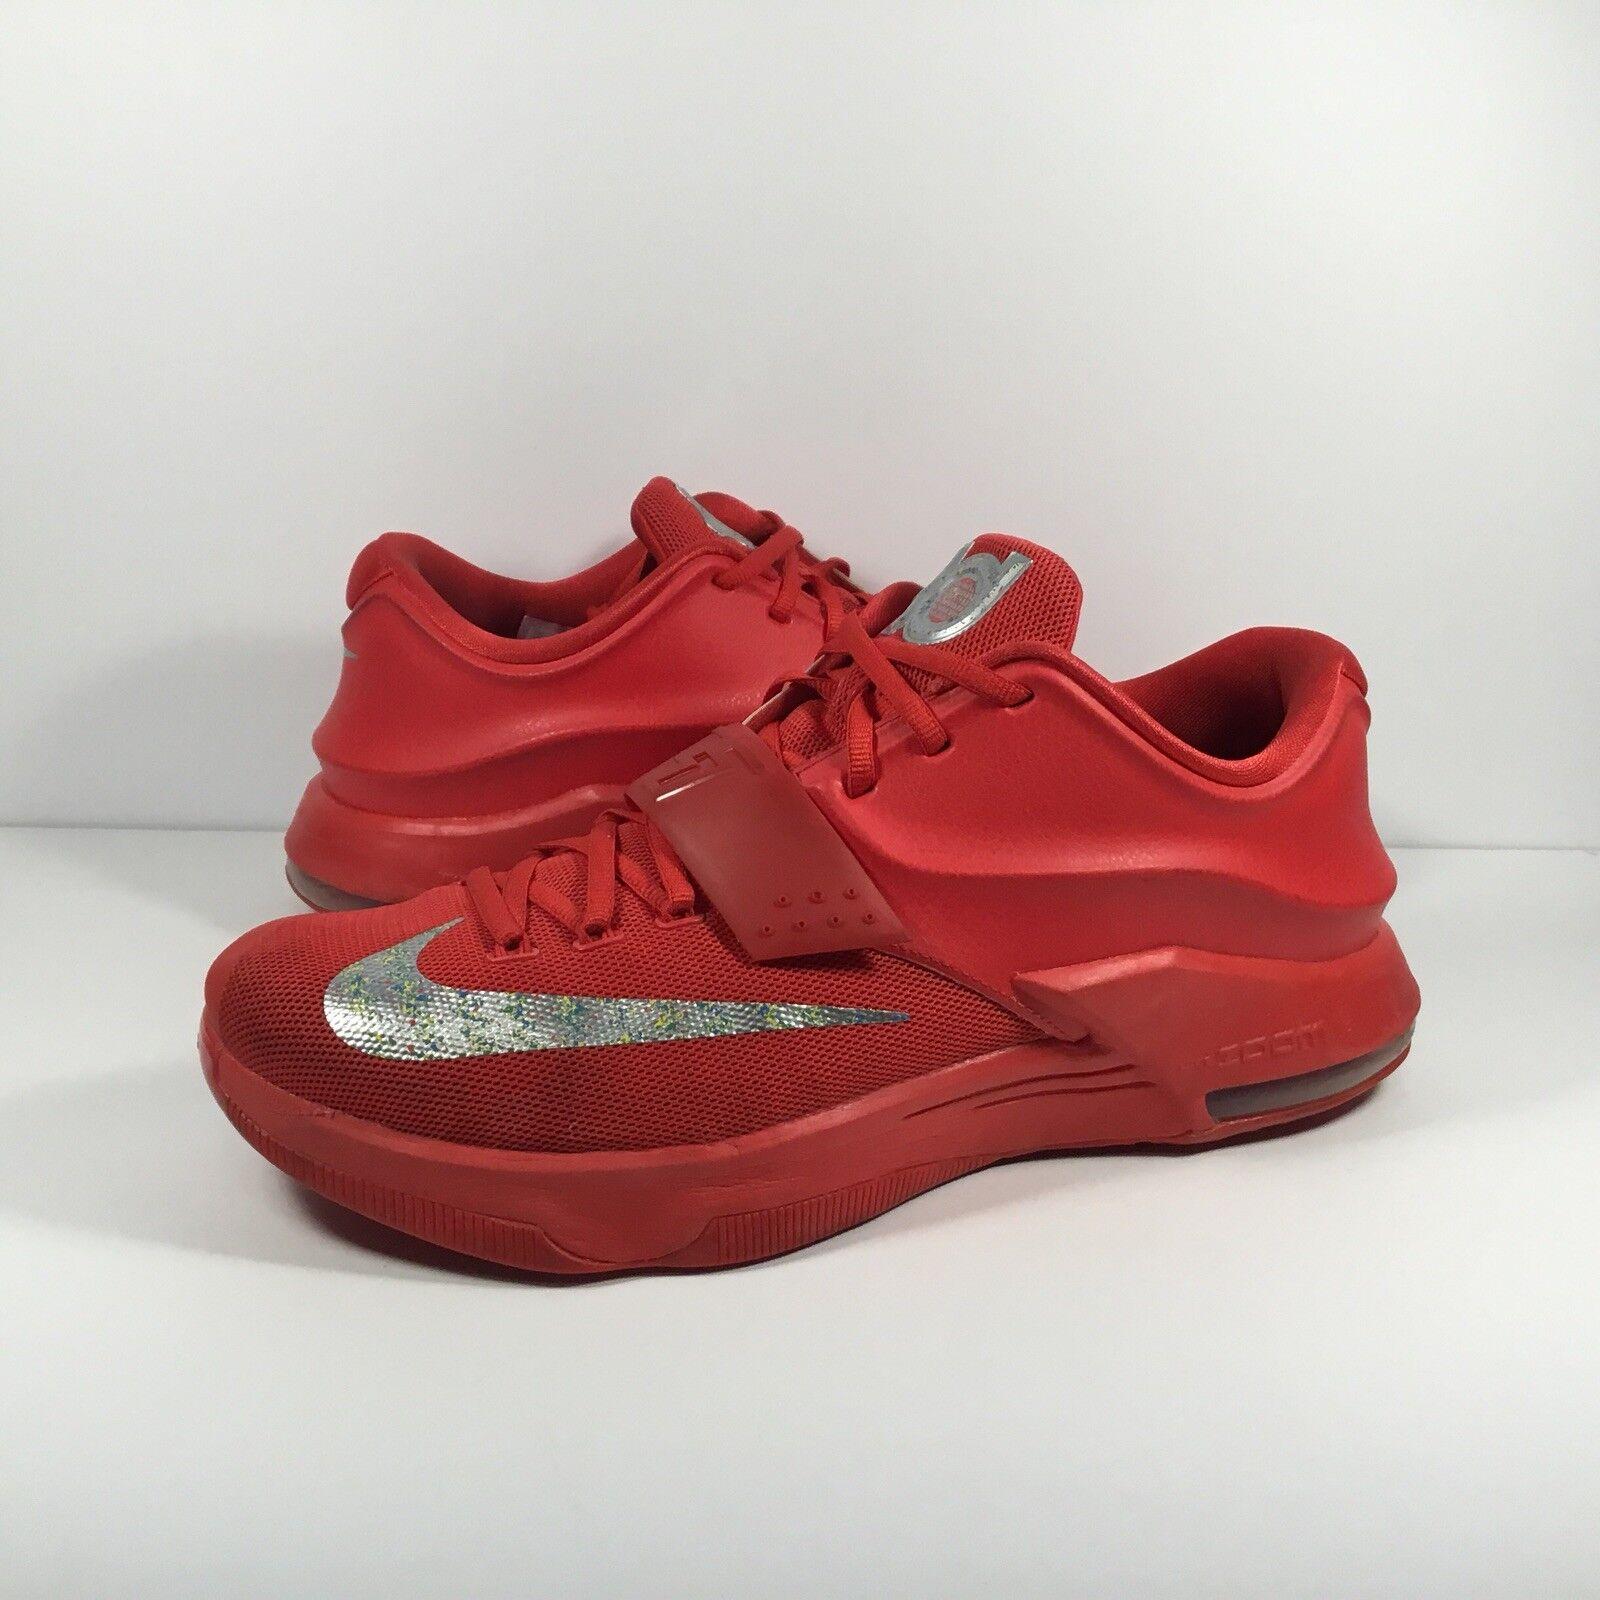 Nike KD 7 VII Global Game